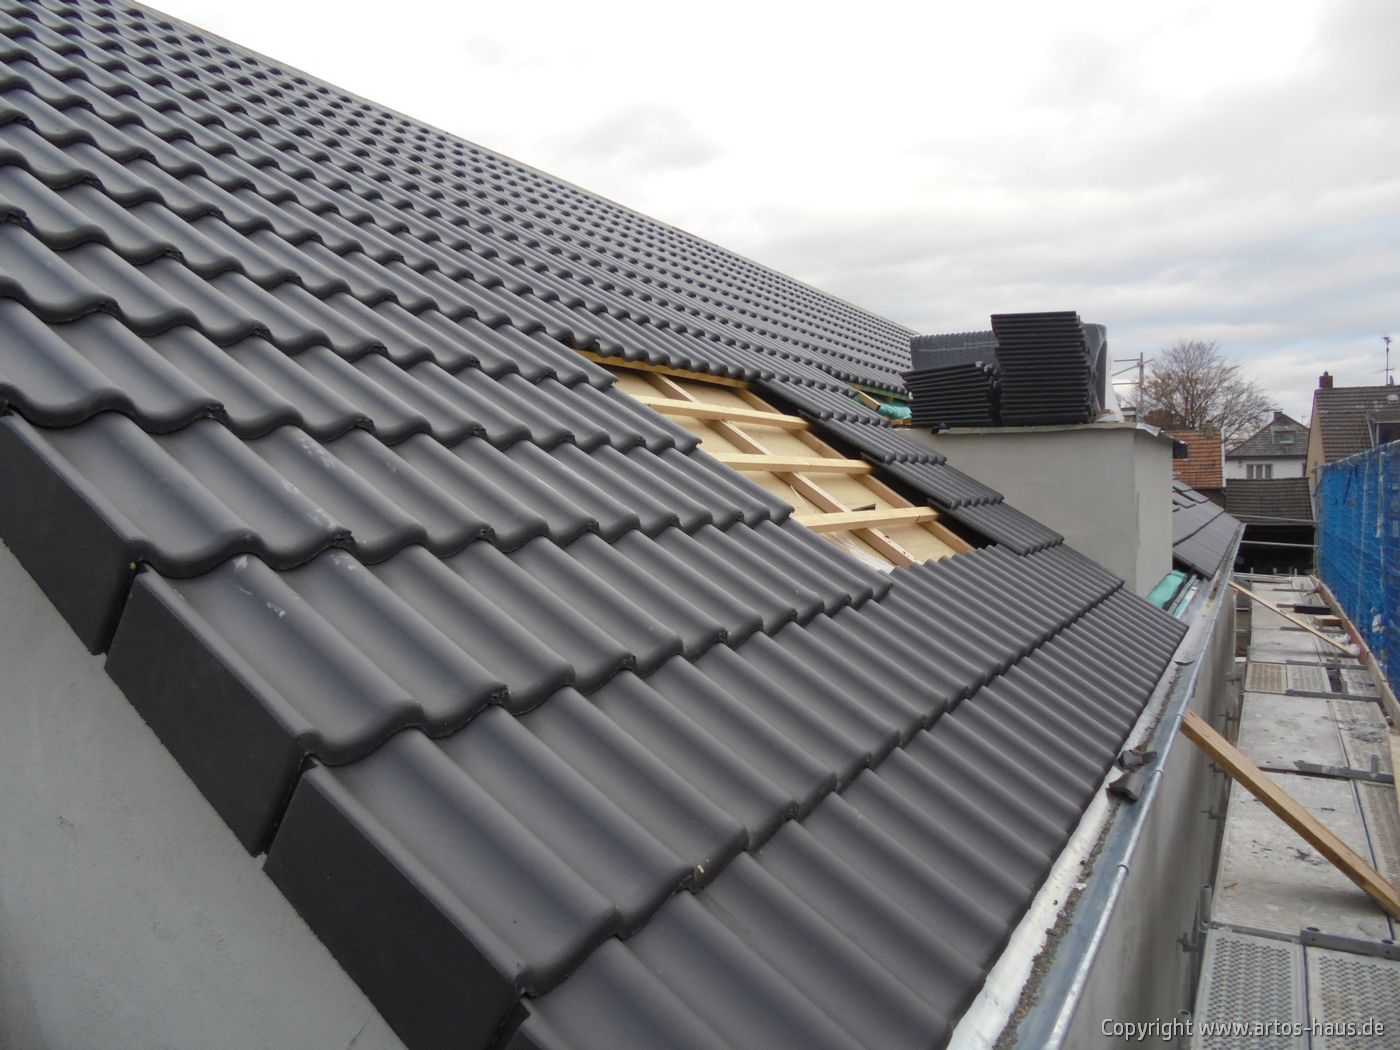 Dachdeckerarbeiten in Pulheim / ARTOS-HAUS Foto 4